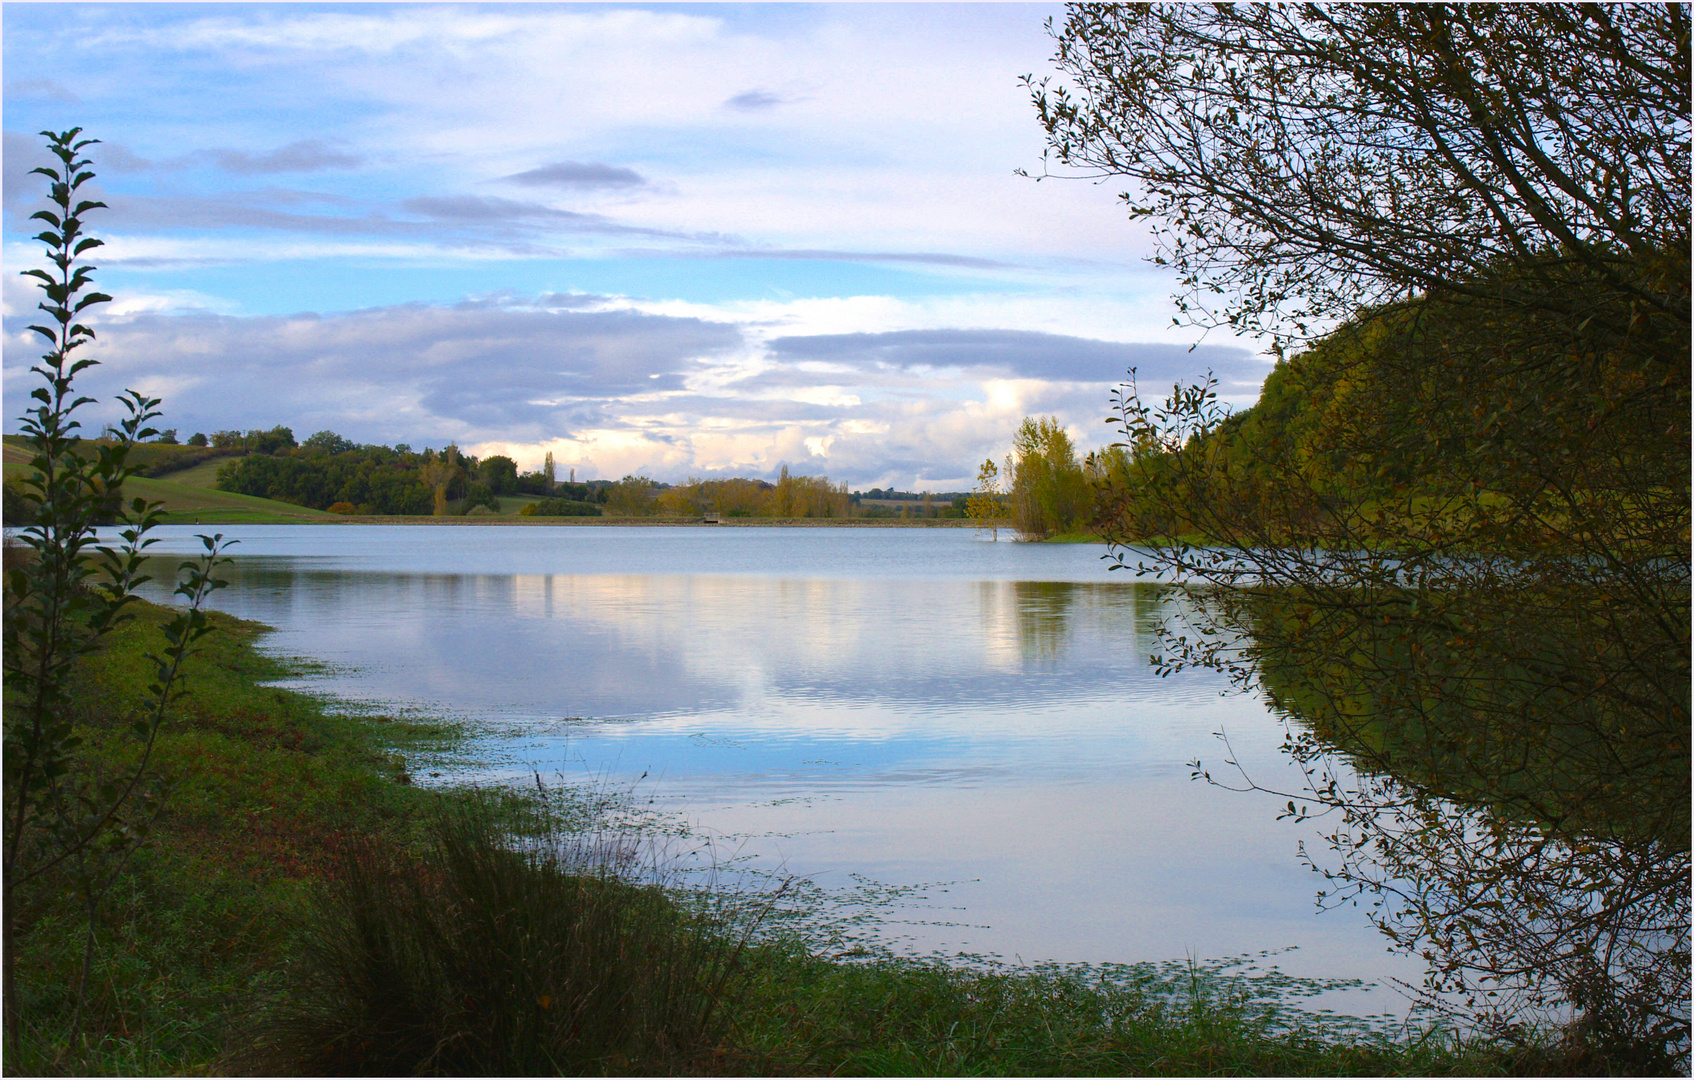 Le lac du Bousquetarra à l'automne-2 - Der Bousquetarra-See im Herbst-2